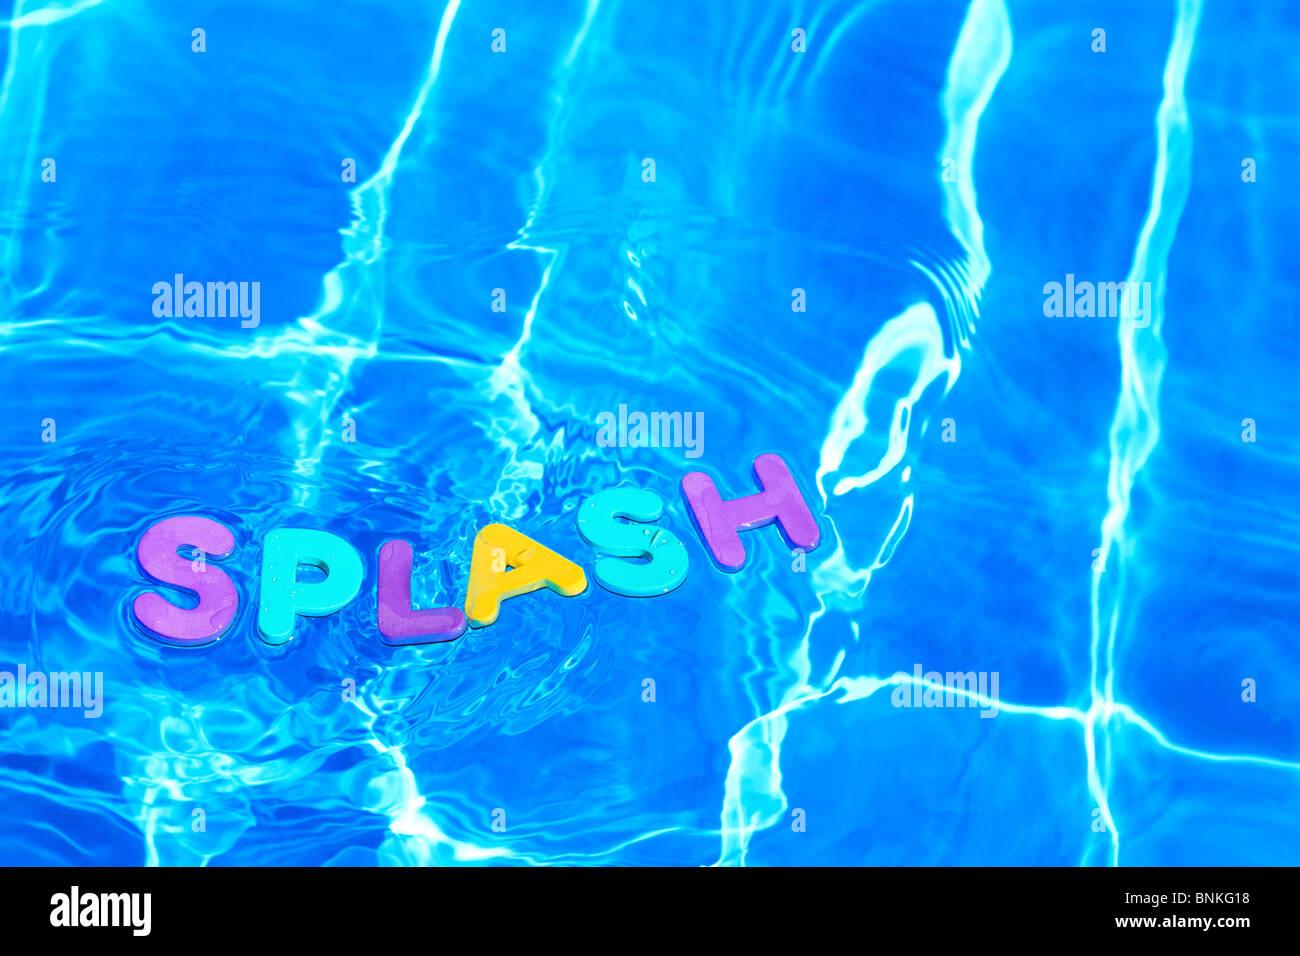 La parola splash di schiuma lettere galleggianti sulla superficie dell'acqua di piscina Immagini Stock